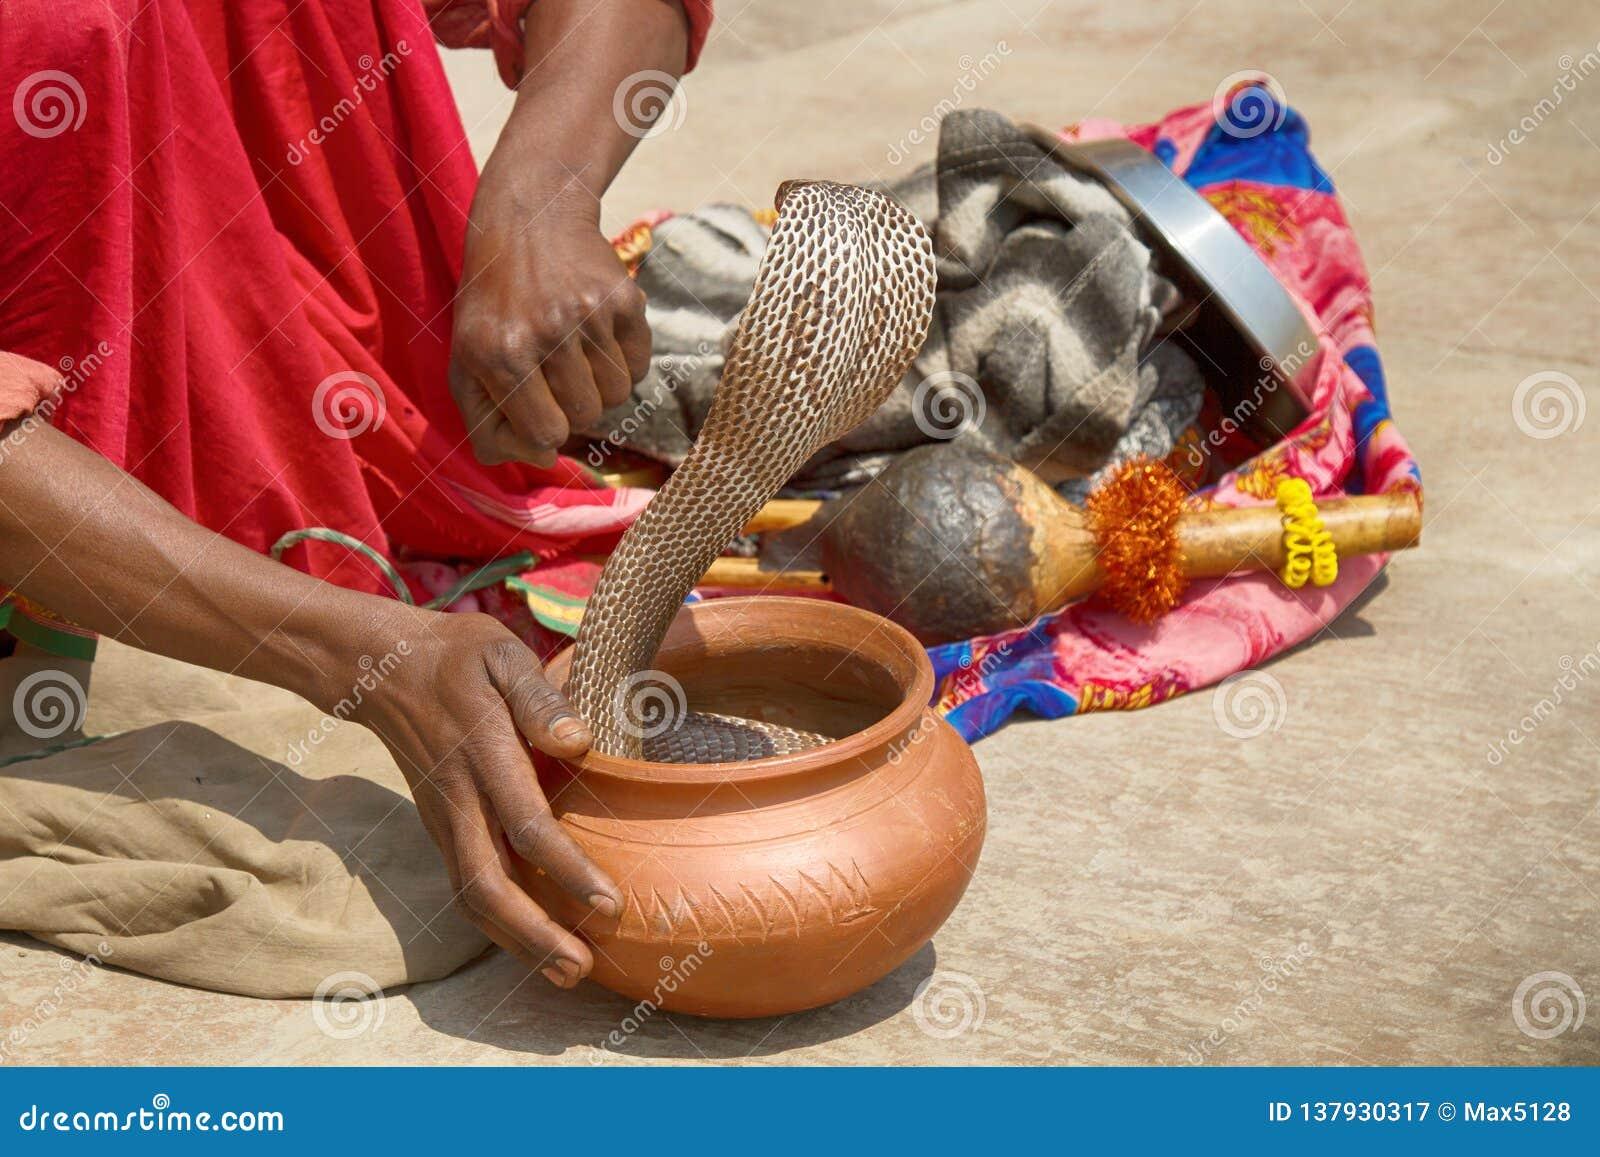 Encantador de serpiente pasado (Bede) de Benares